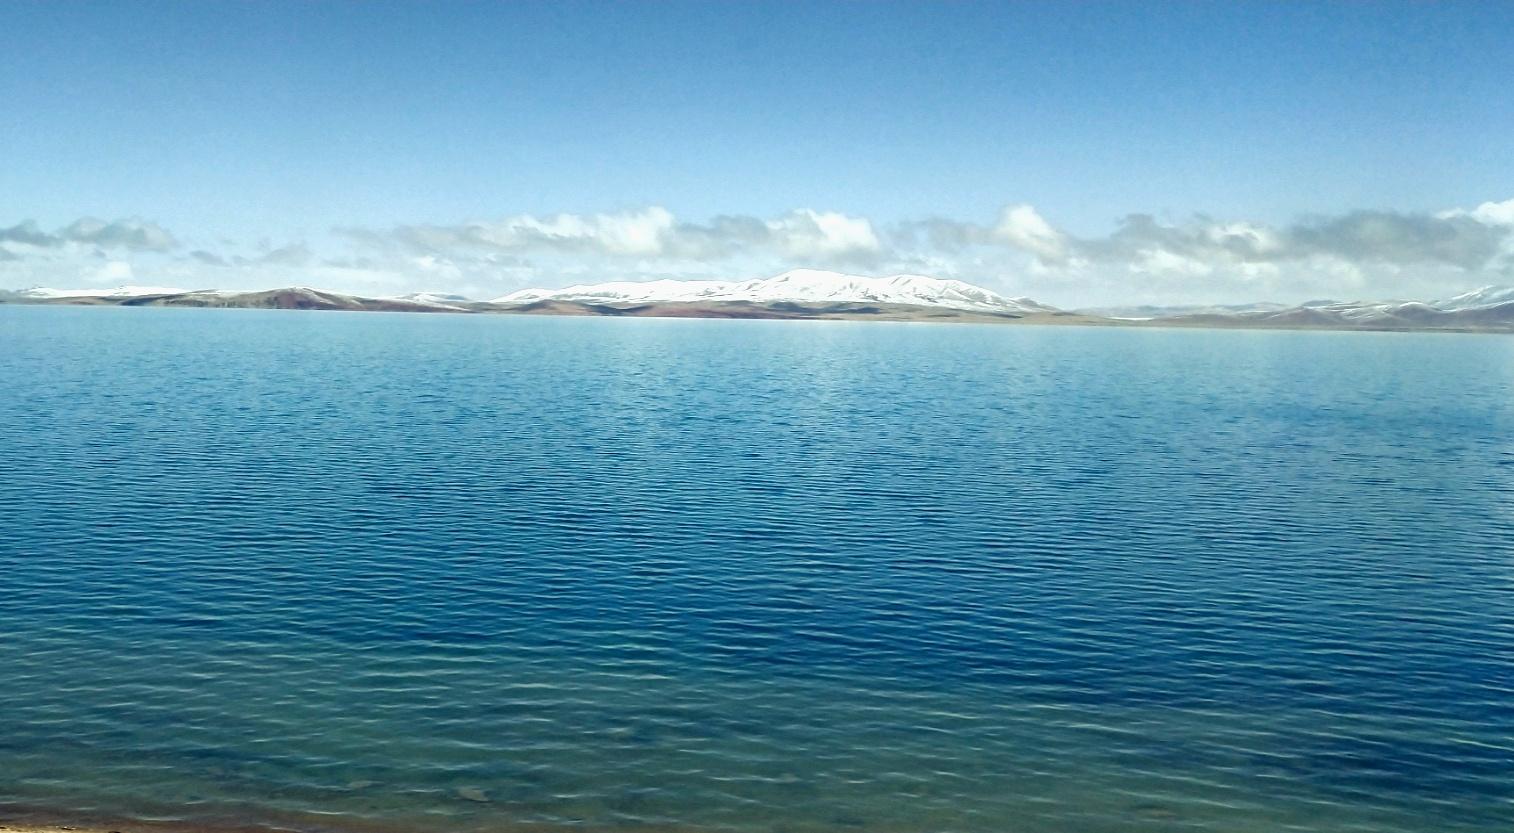 西藏行-沿途风景-x21火车上拍摄